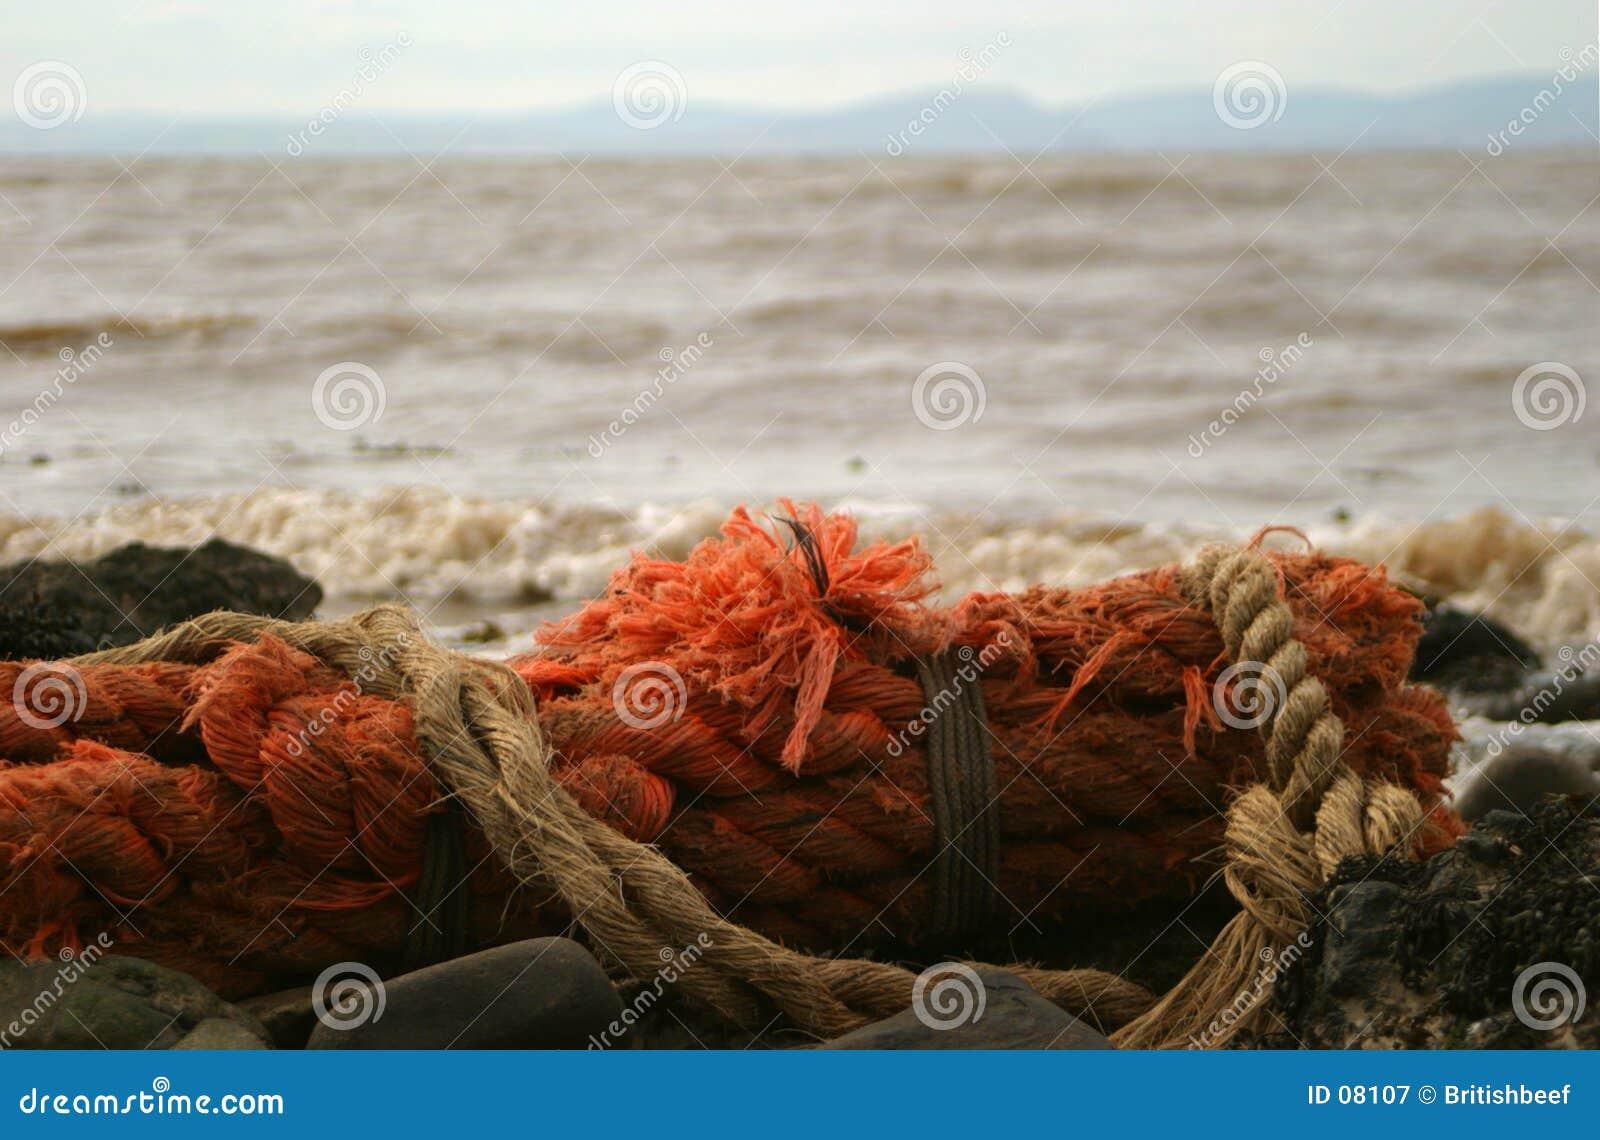 Big old rope